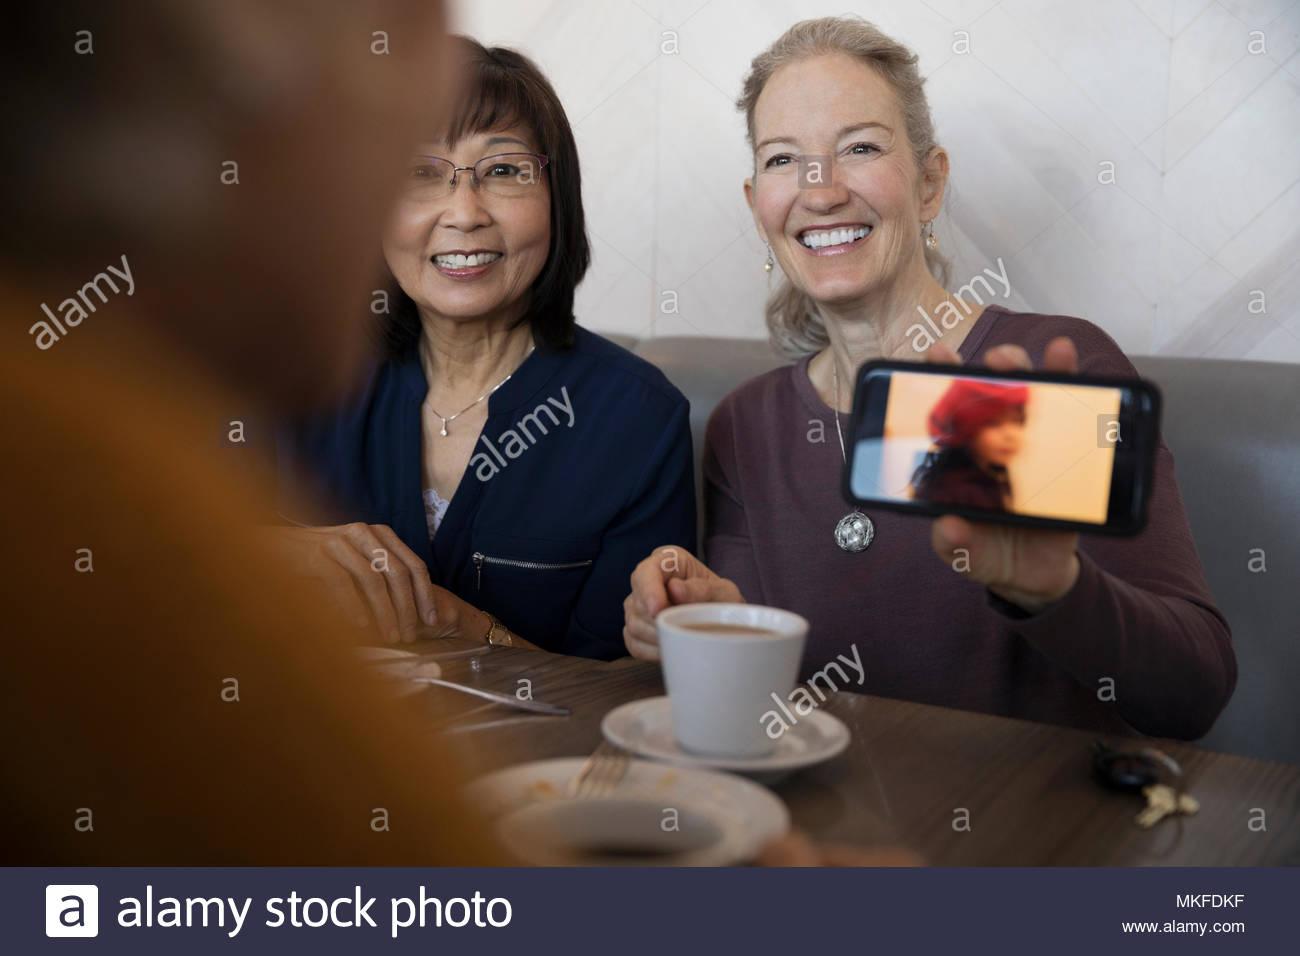 Orgullosos altos mujer con teléfono con cámara que muestra la fotografía de la nieta de amigos Imagen De Stock